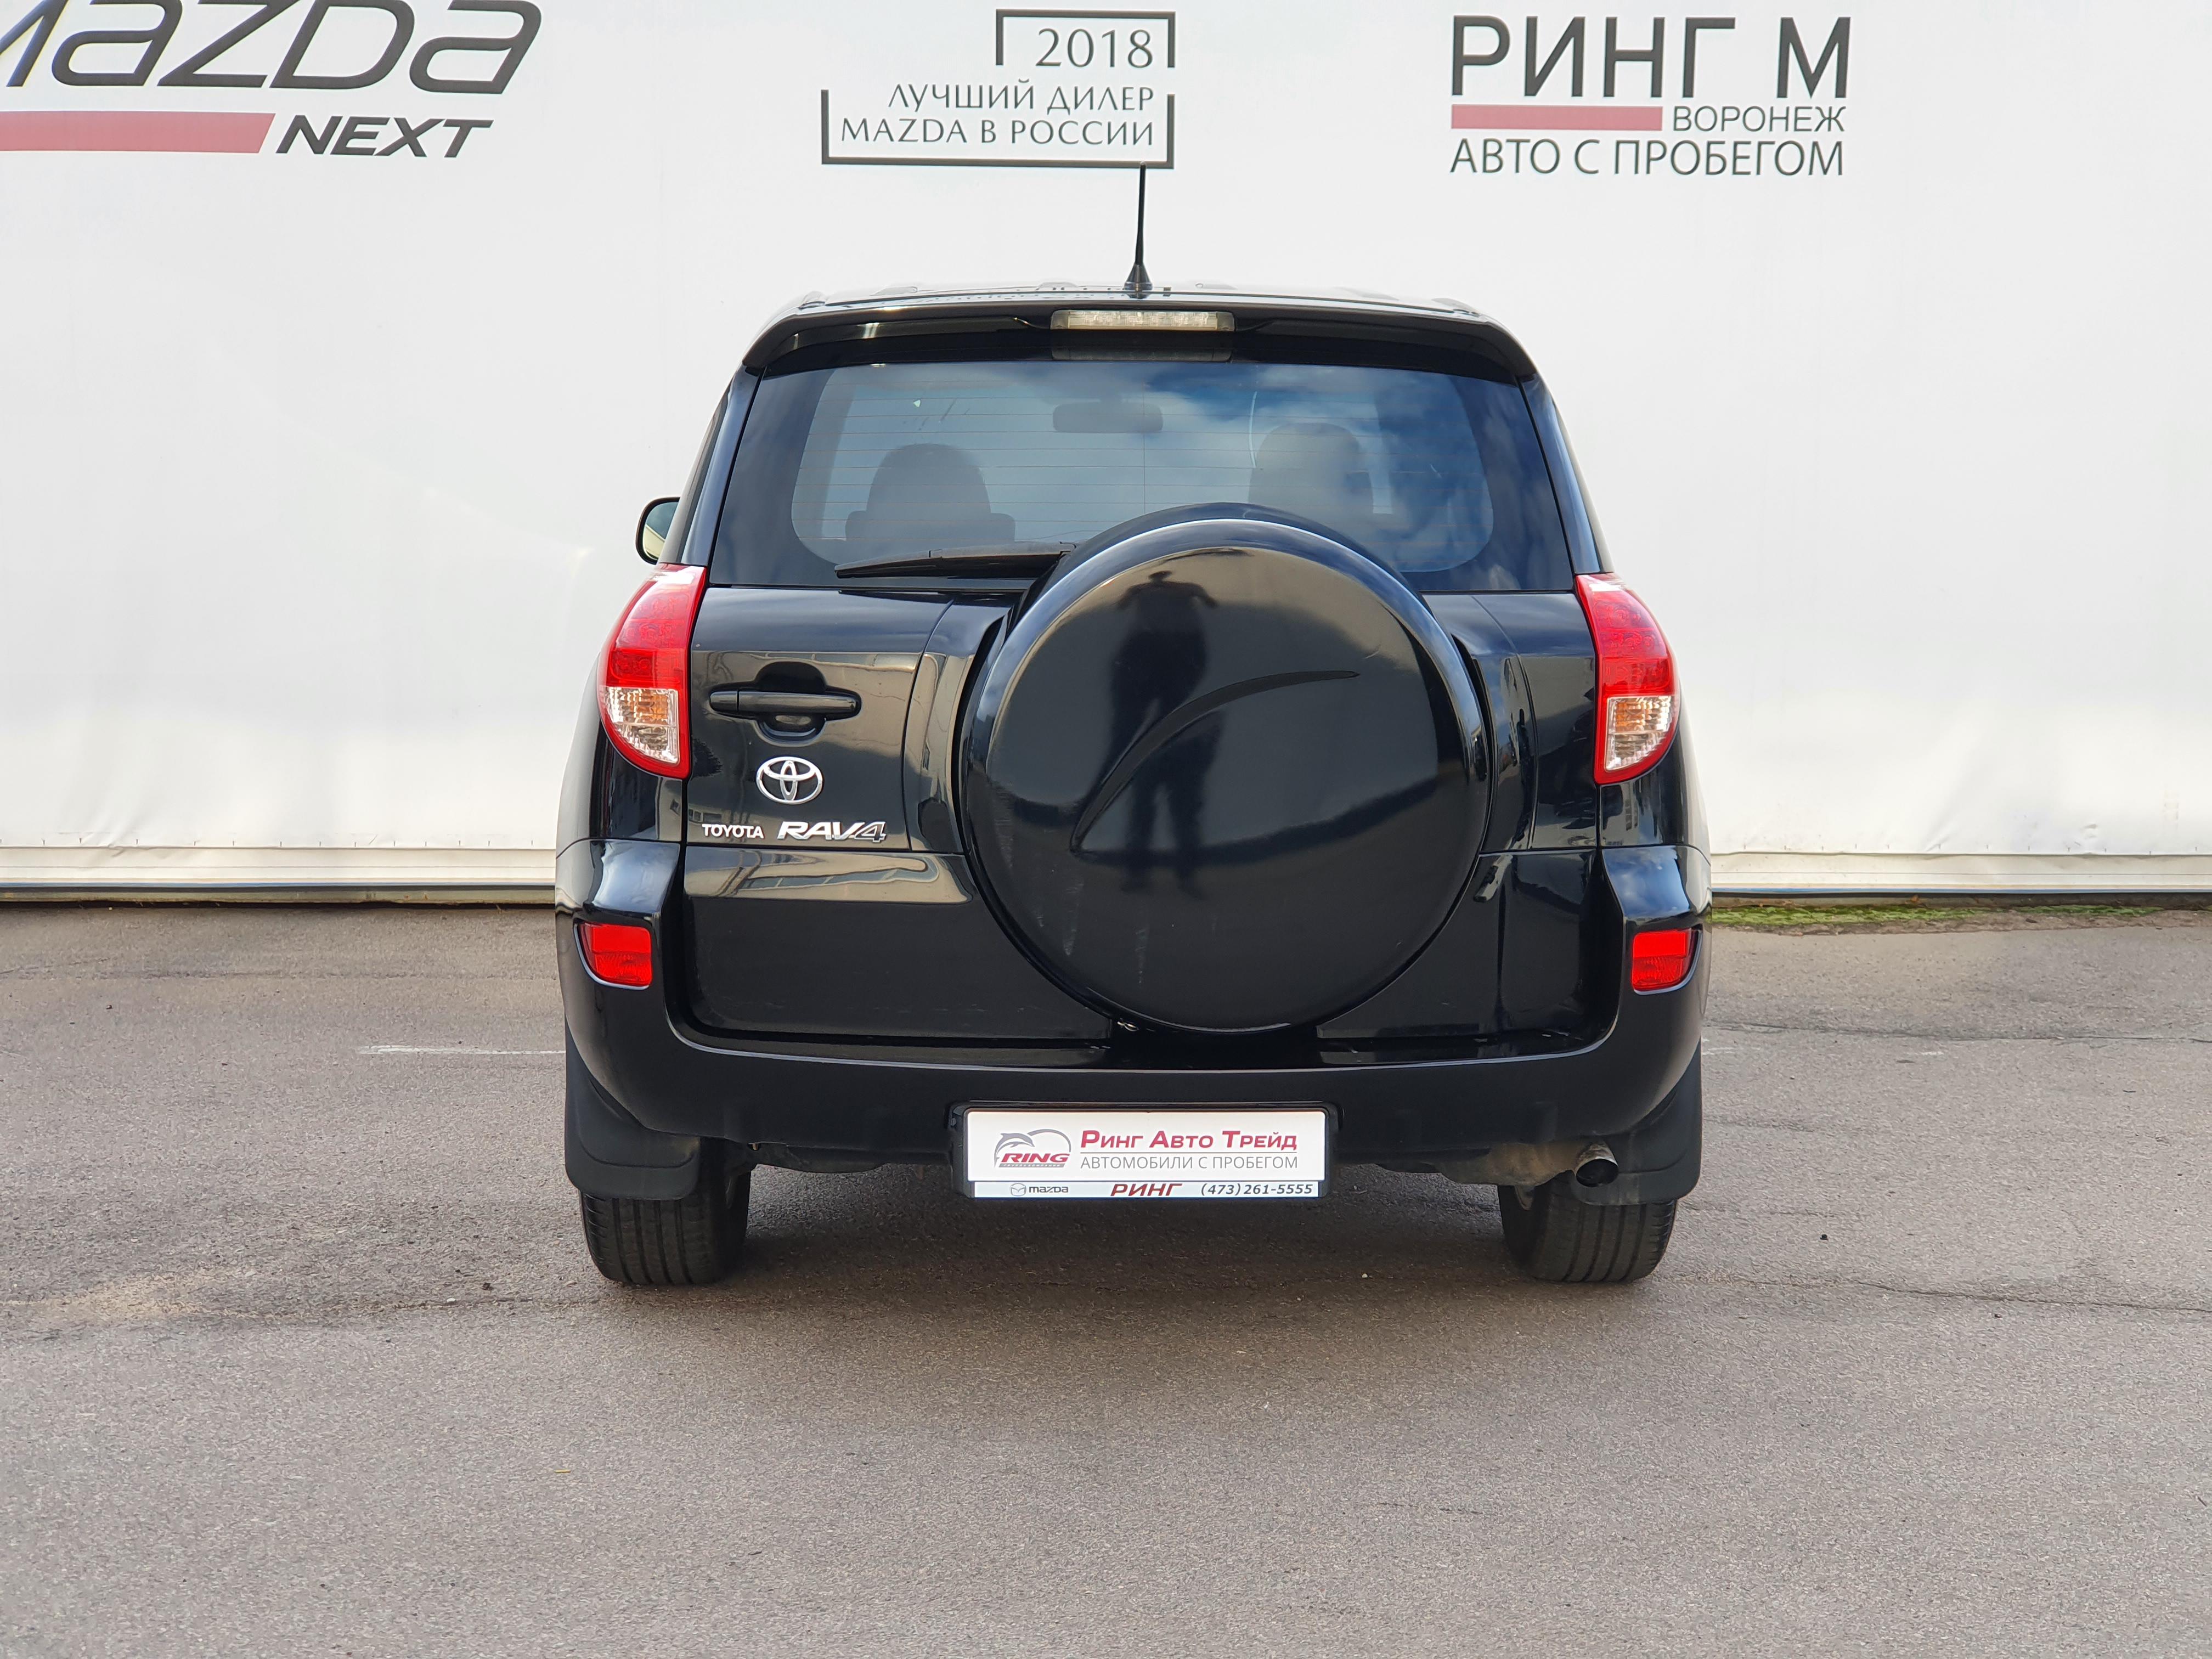 Toyota RAV4 Внедорожник (2007г.)